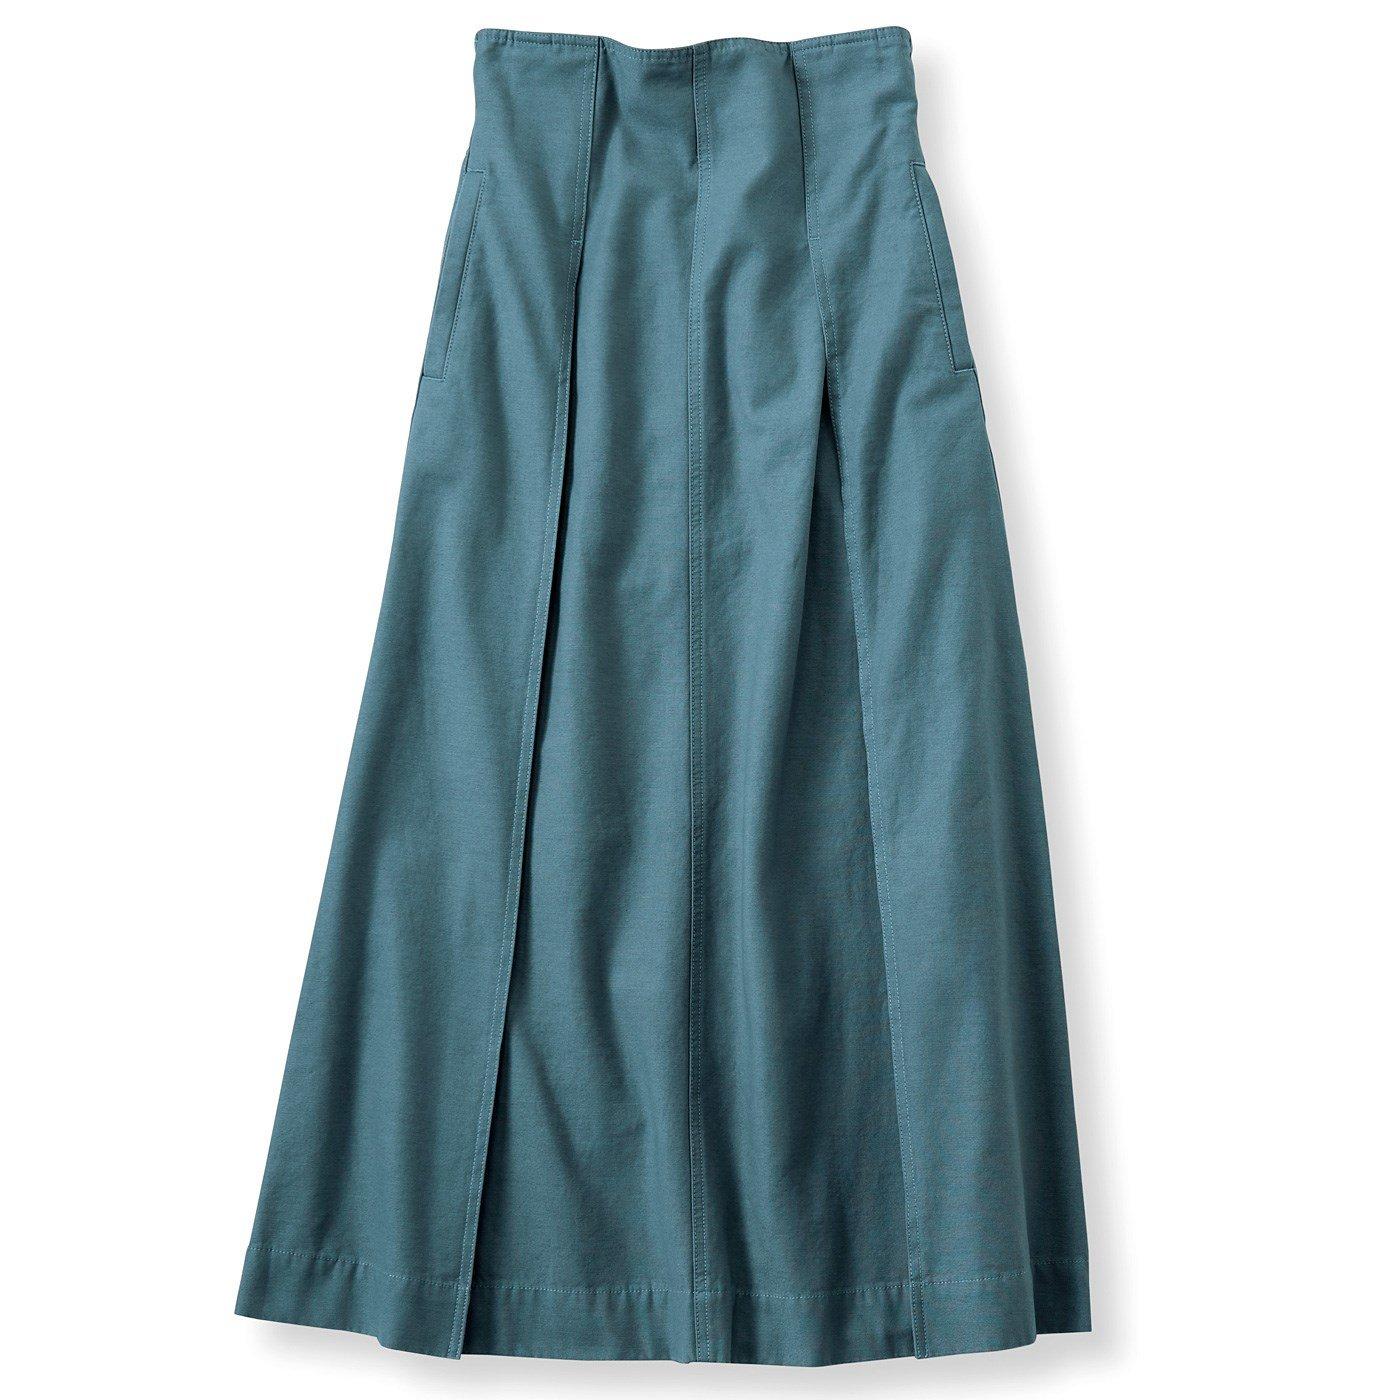 リブ イン コンフォート パンツ感覚ではけてスッキリ見える 大人ワークスカート〈ピーコックグリーン〉